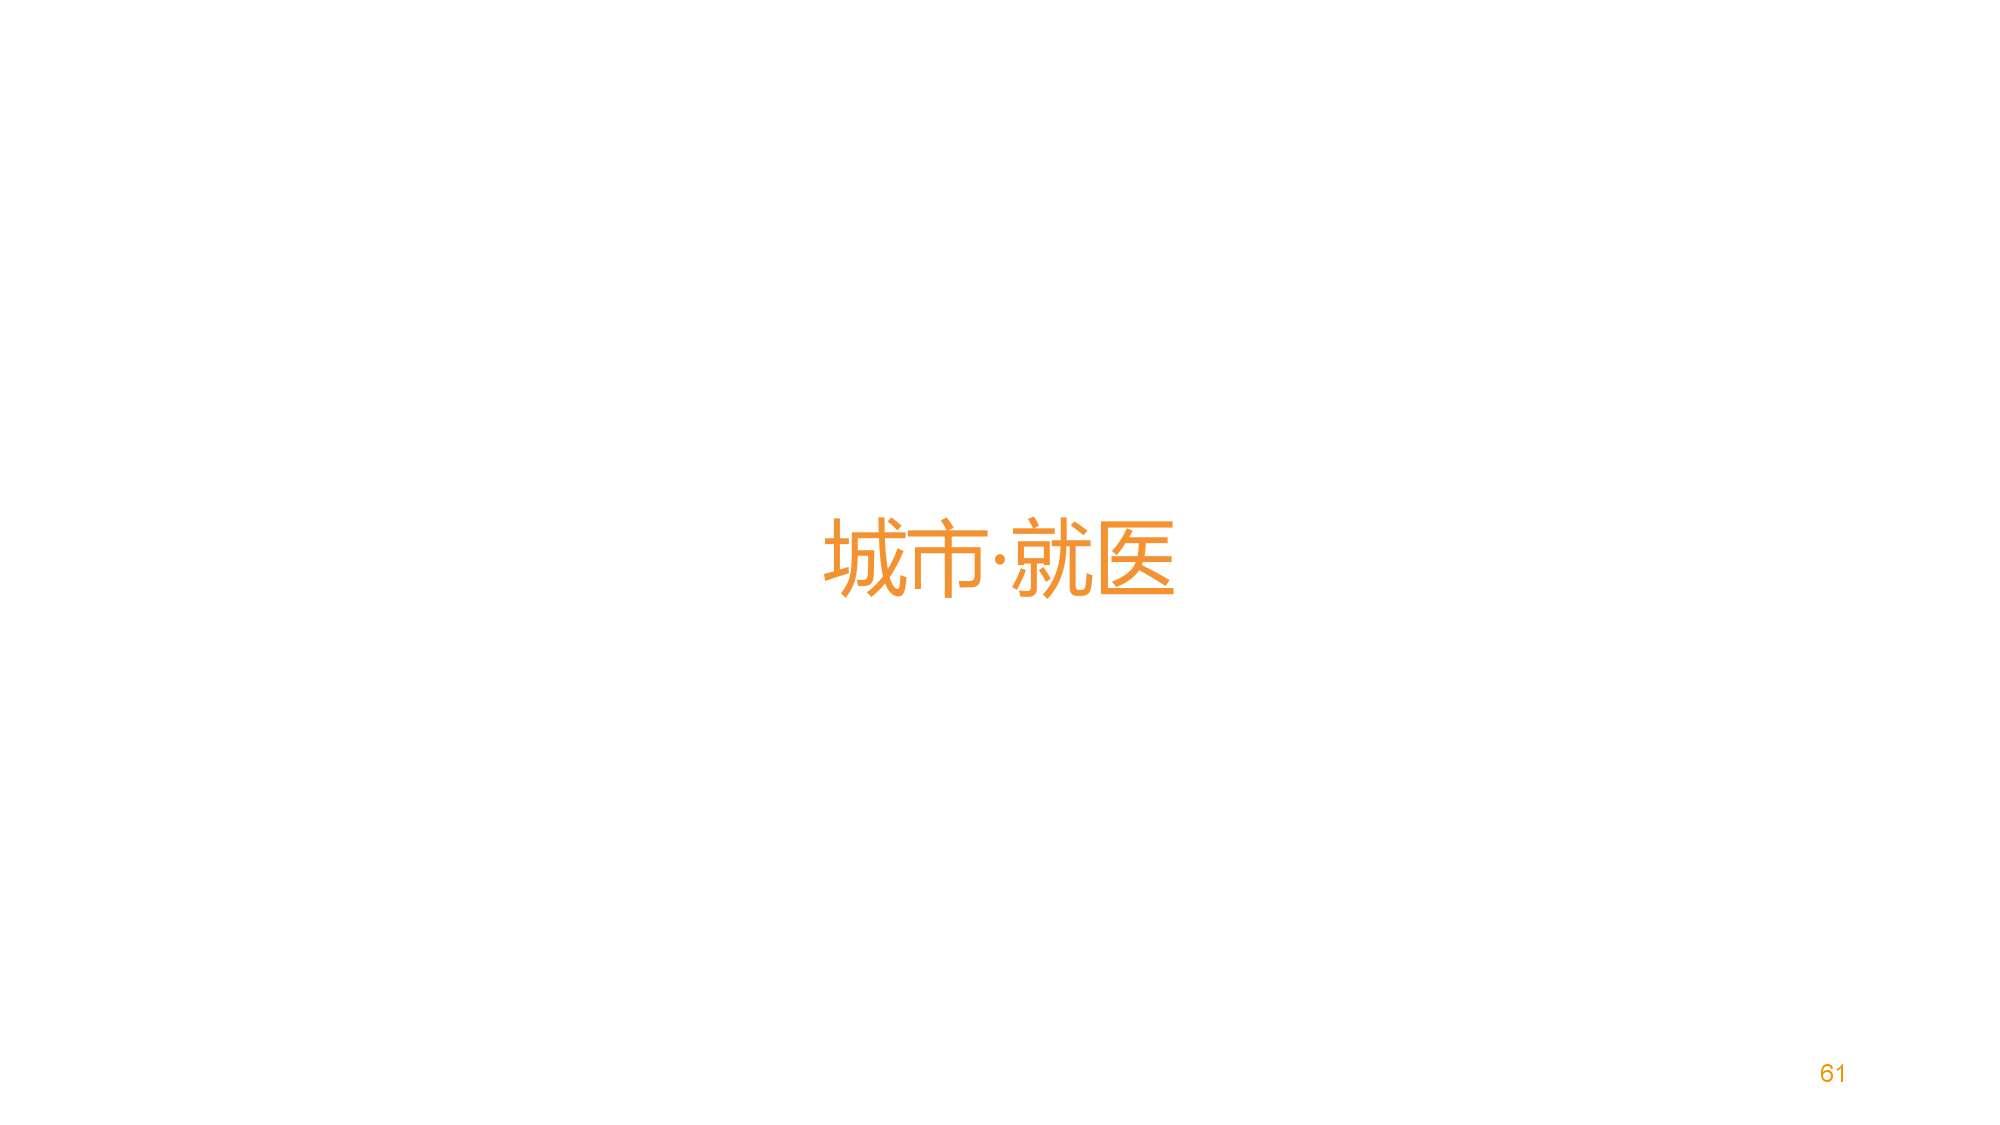 中国智能出行2015大数据报告_000062